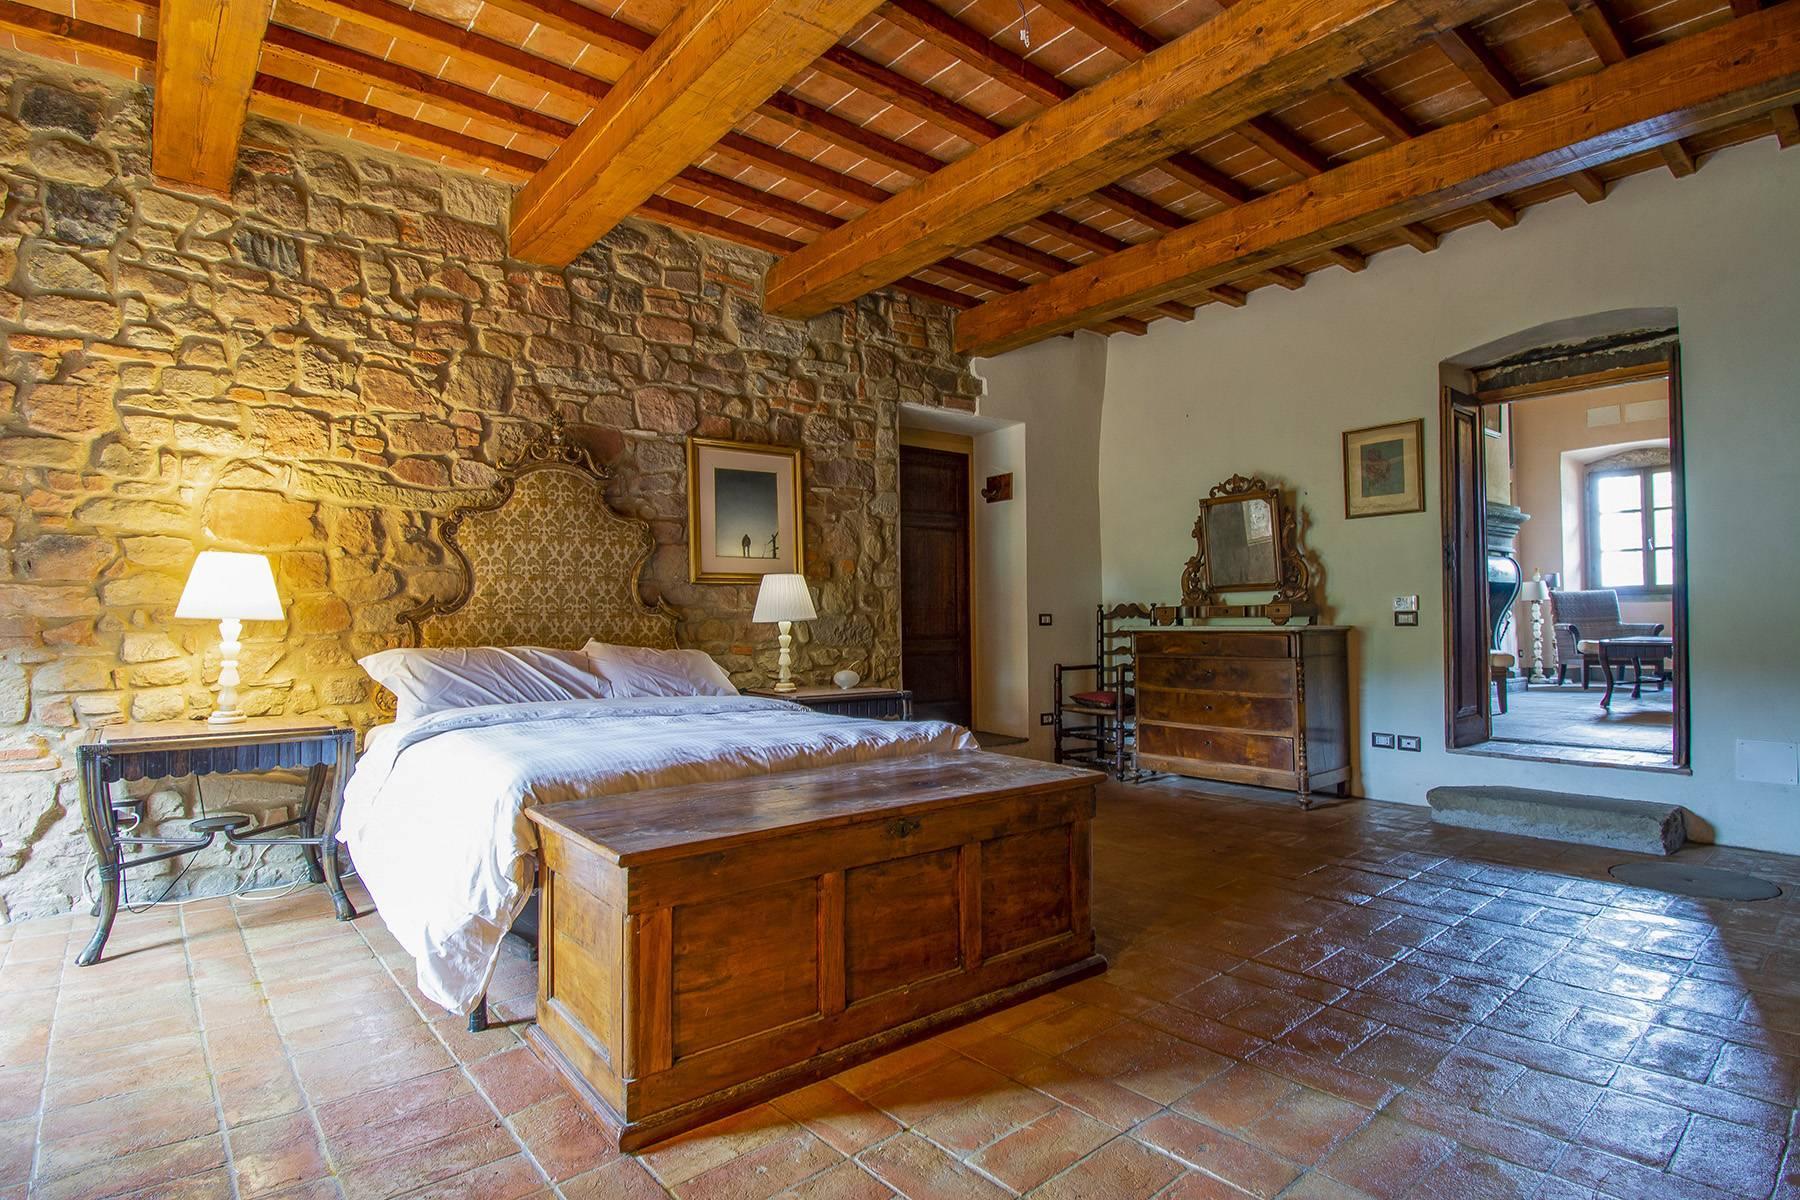 Panorama-Renaissance-Villa mit Garten im italienischen Stil - 13